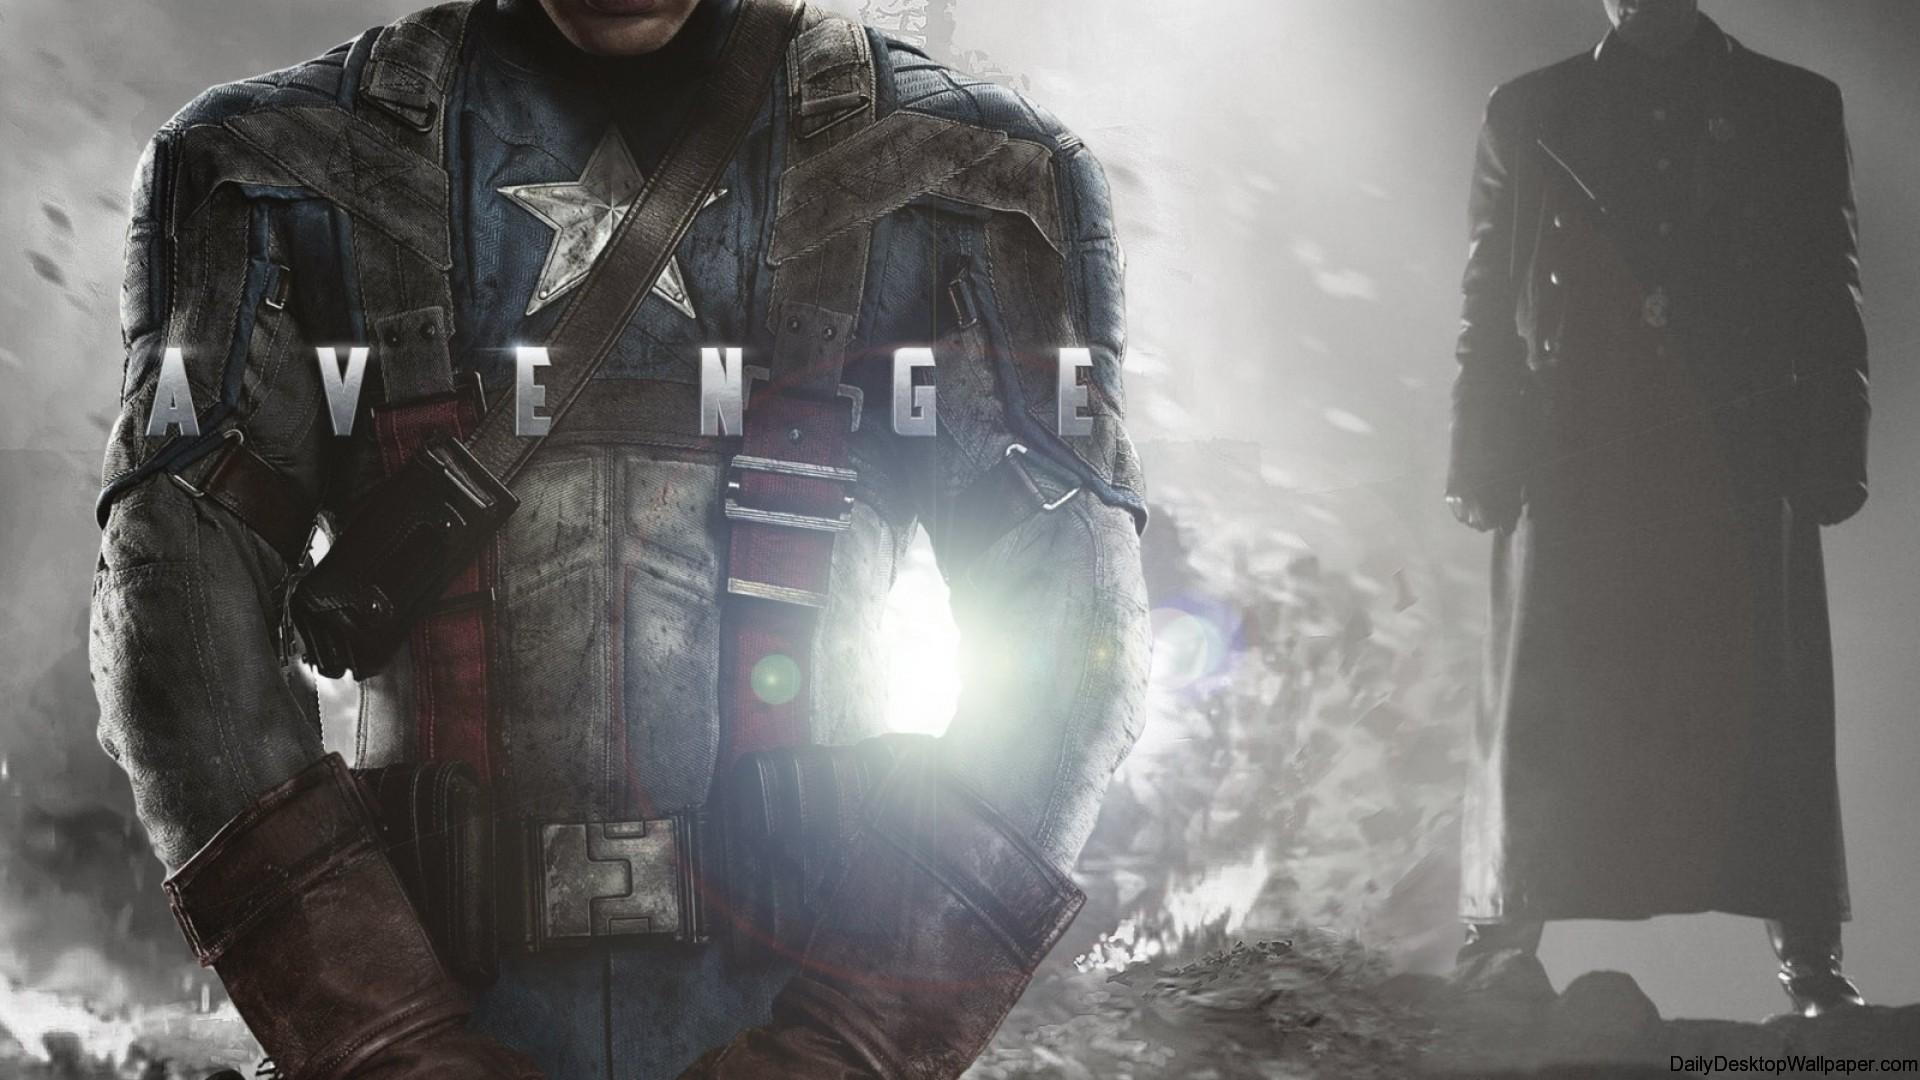 Captain America Avenger wallpaper